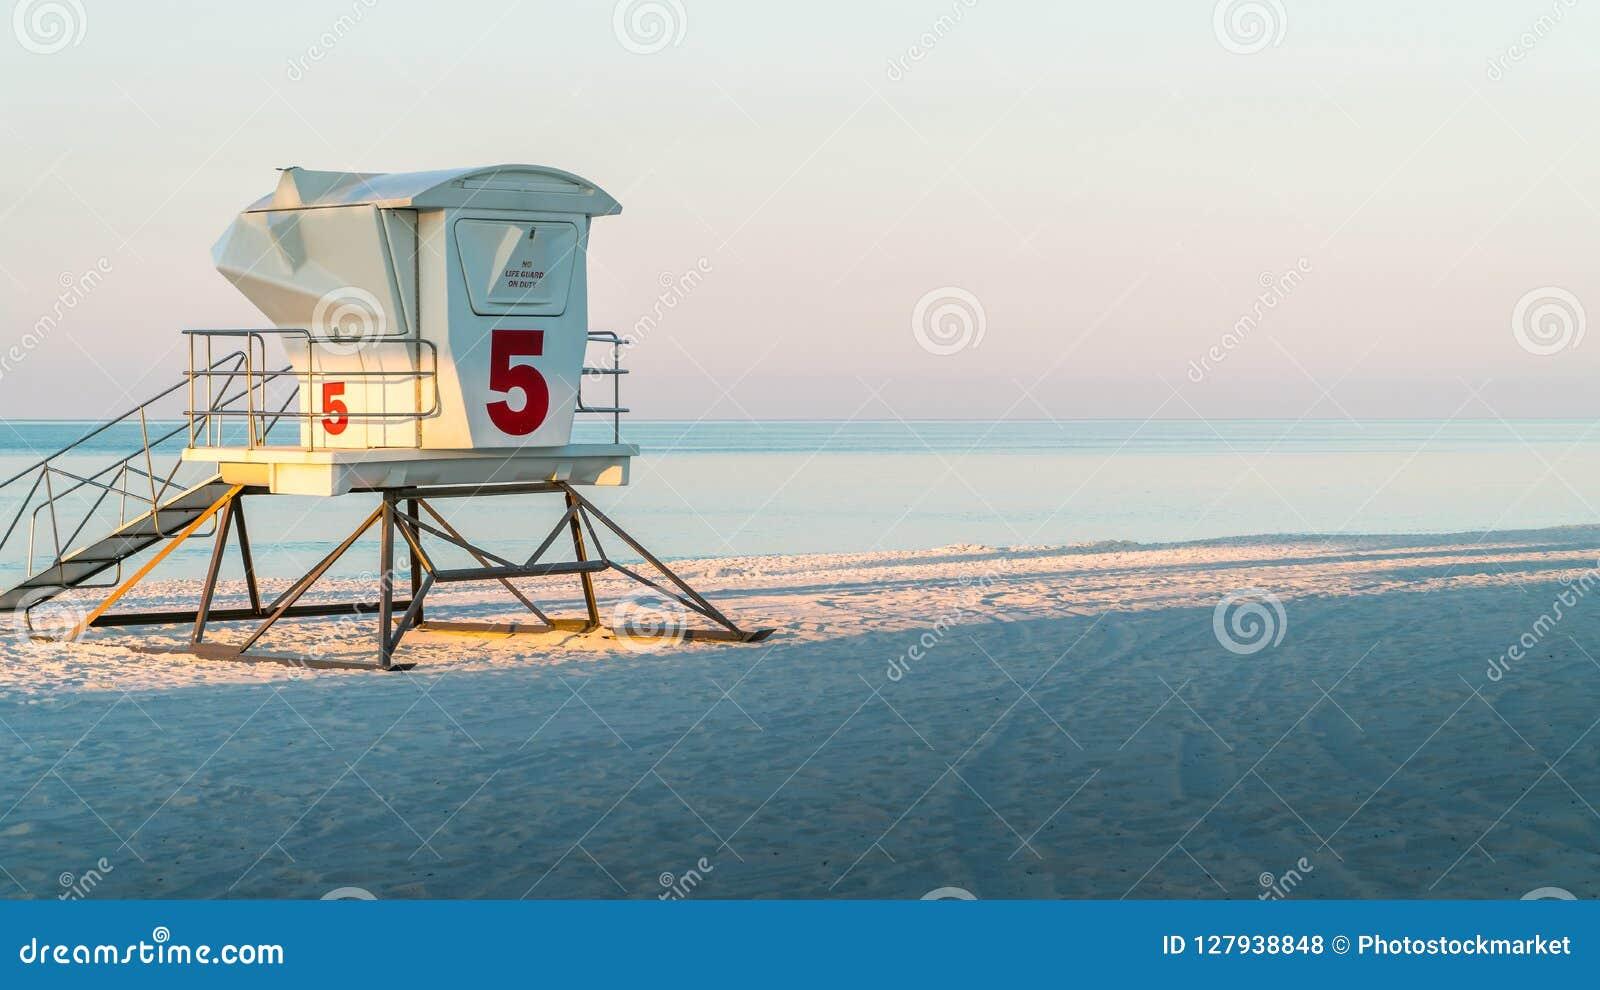 Ratownik stacja na pięknej białej piaska Floryda plaży z błękitne wody